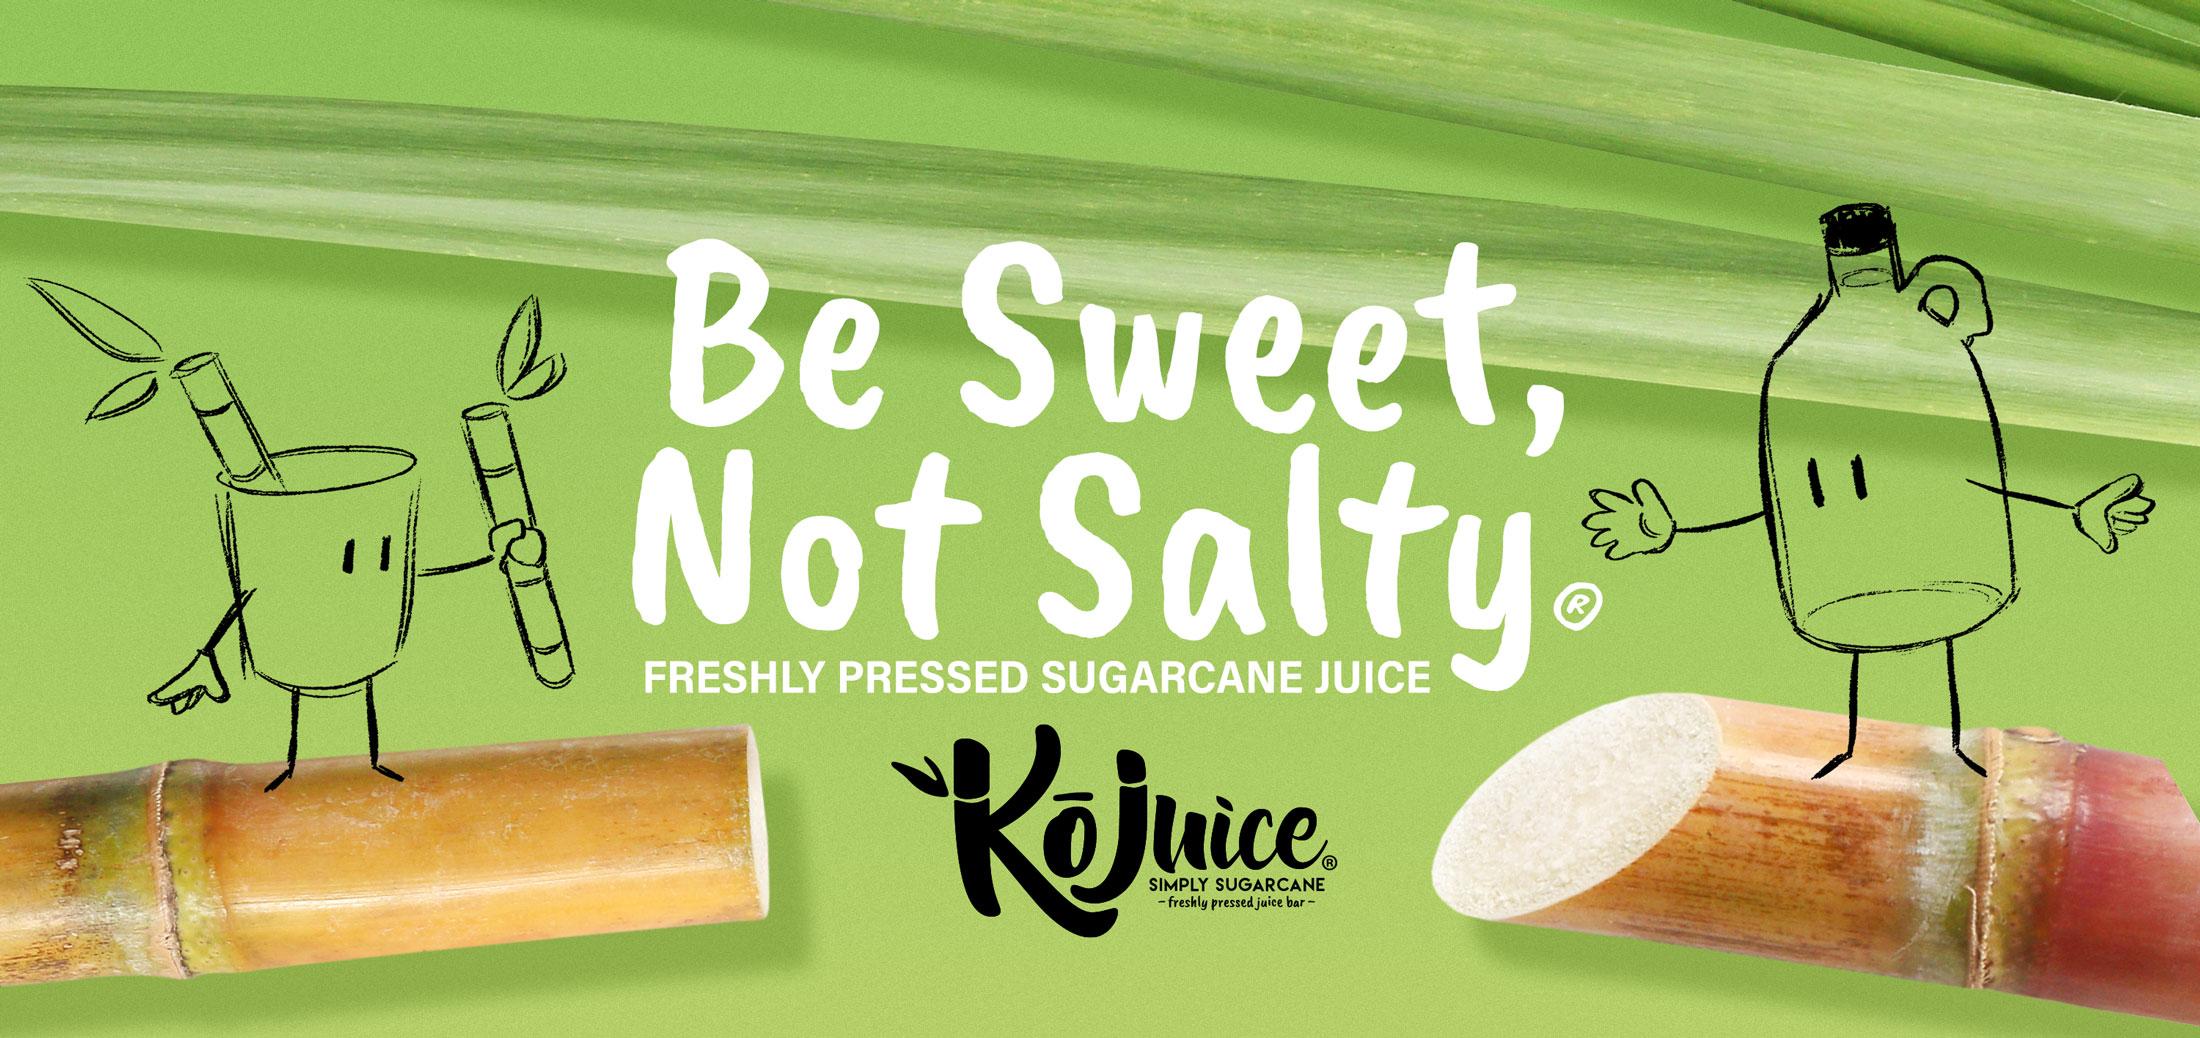 Ko Juice - Be Sweet, Not Salty